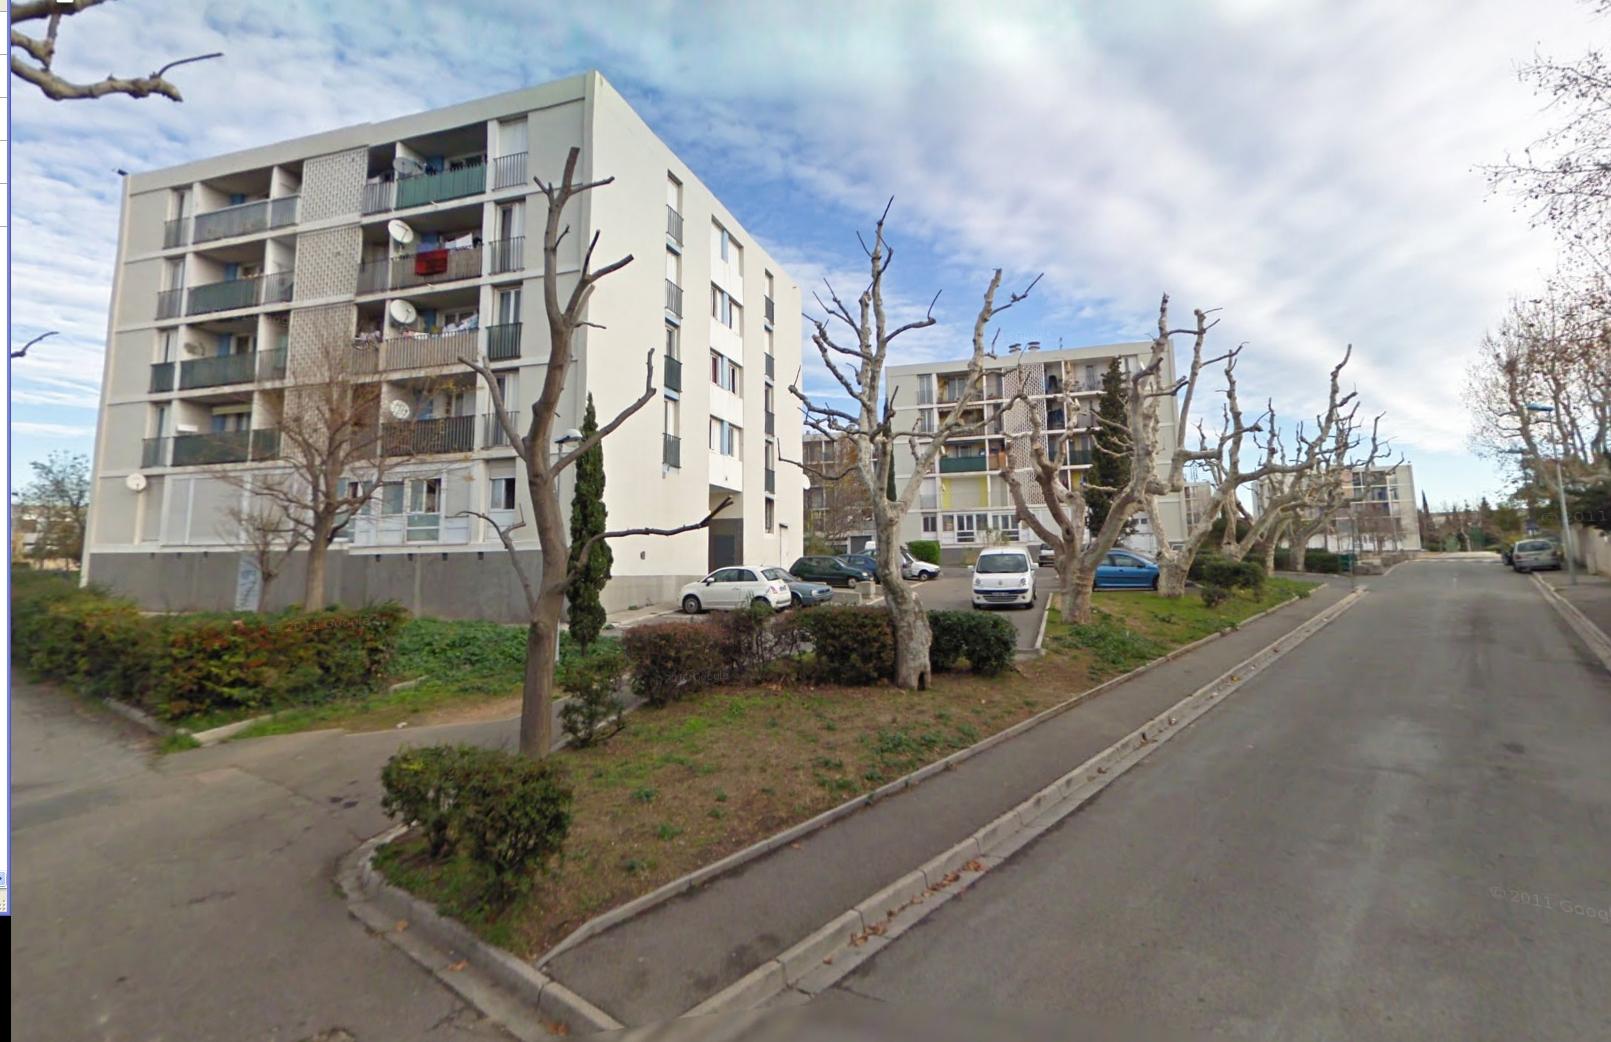 La cité de la Visitation, dans les quartiers nord de Marseille, où se déroulait le trafic décrit dans le carnet retrouvé sur place.